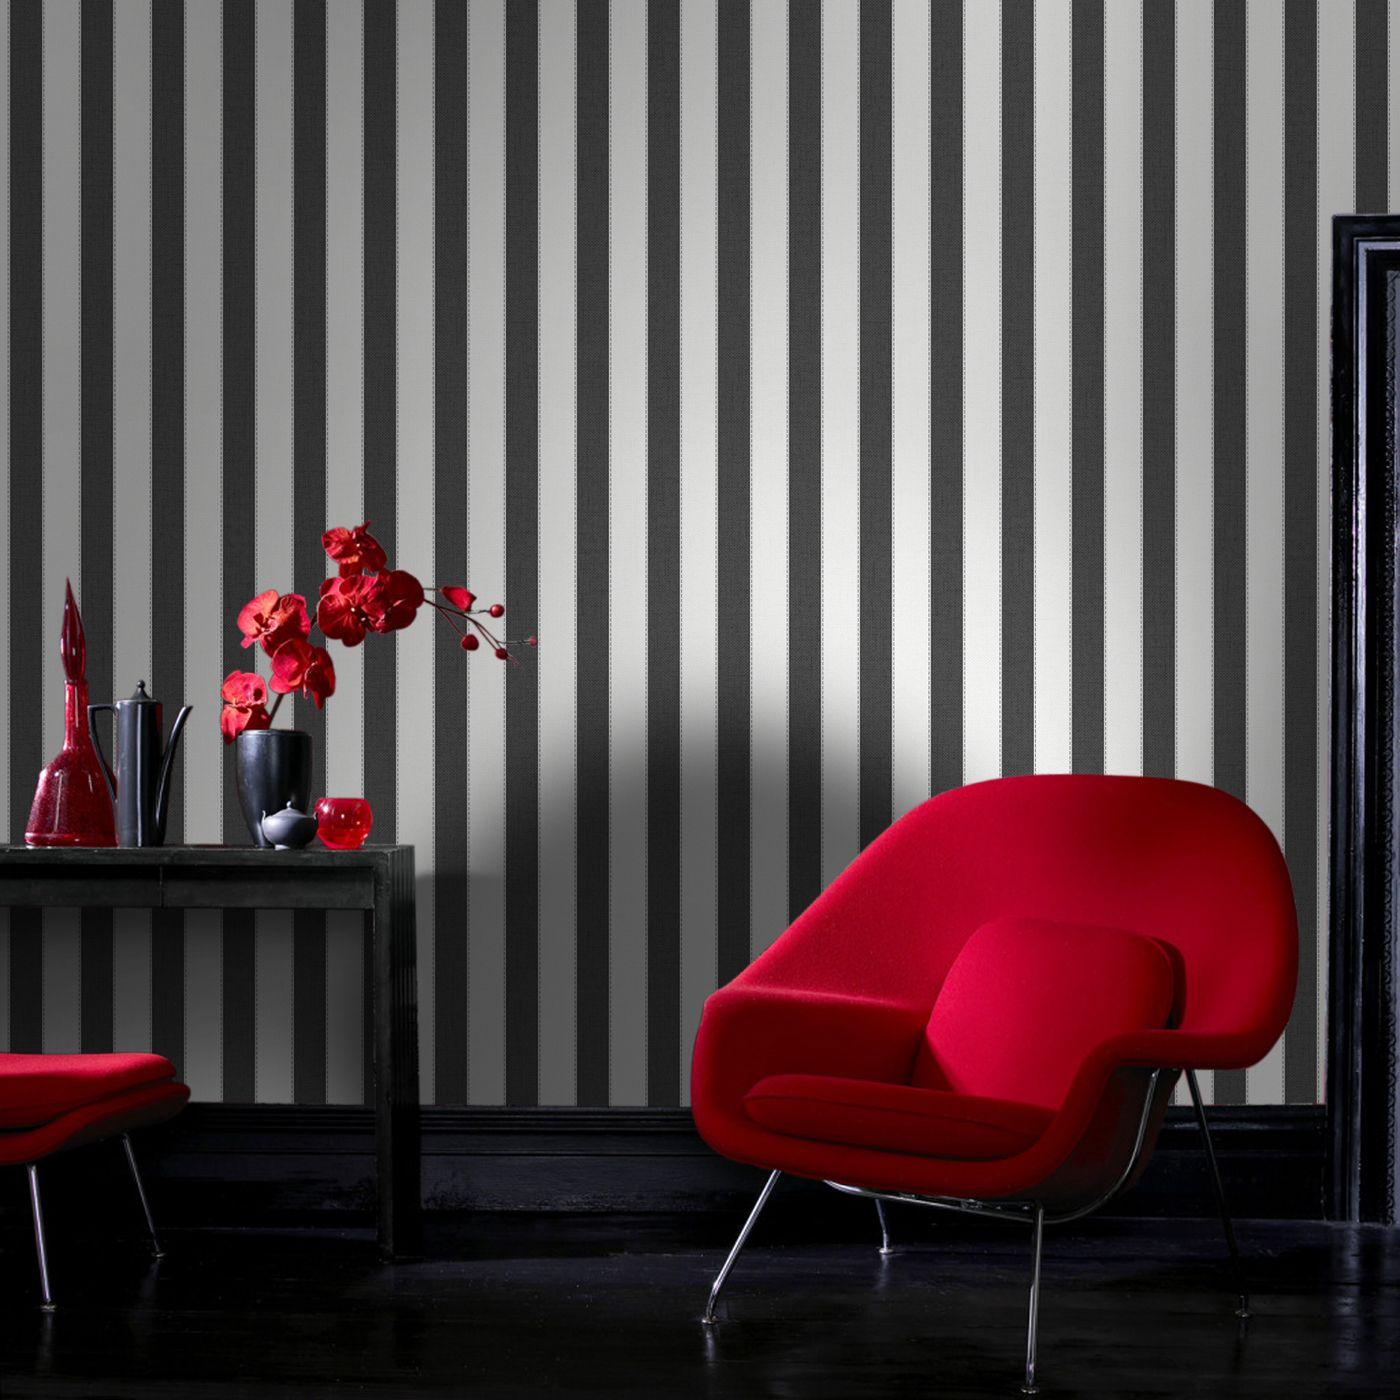 Graham & Brown 205 Fabric Ticking Stripe Wallpaper